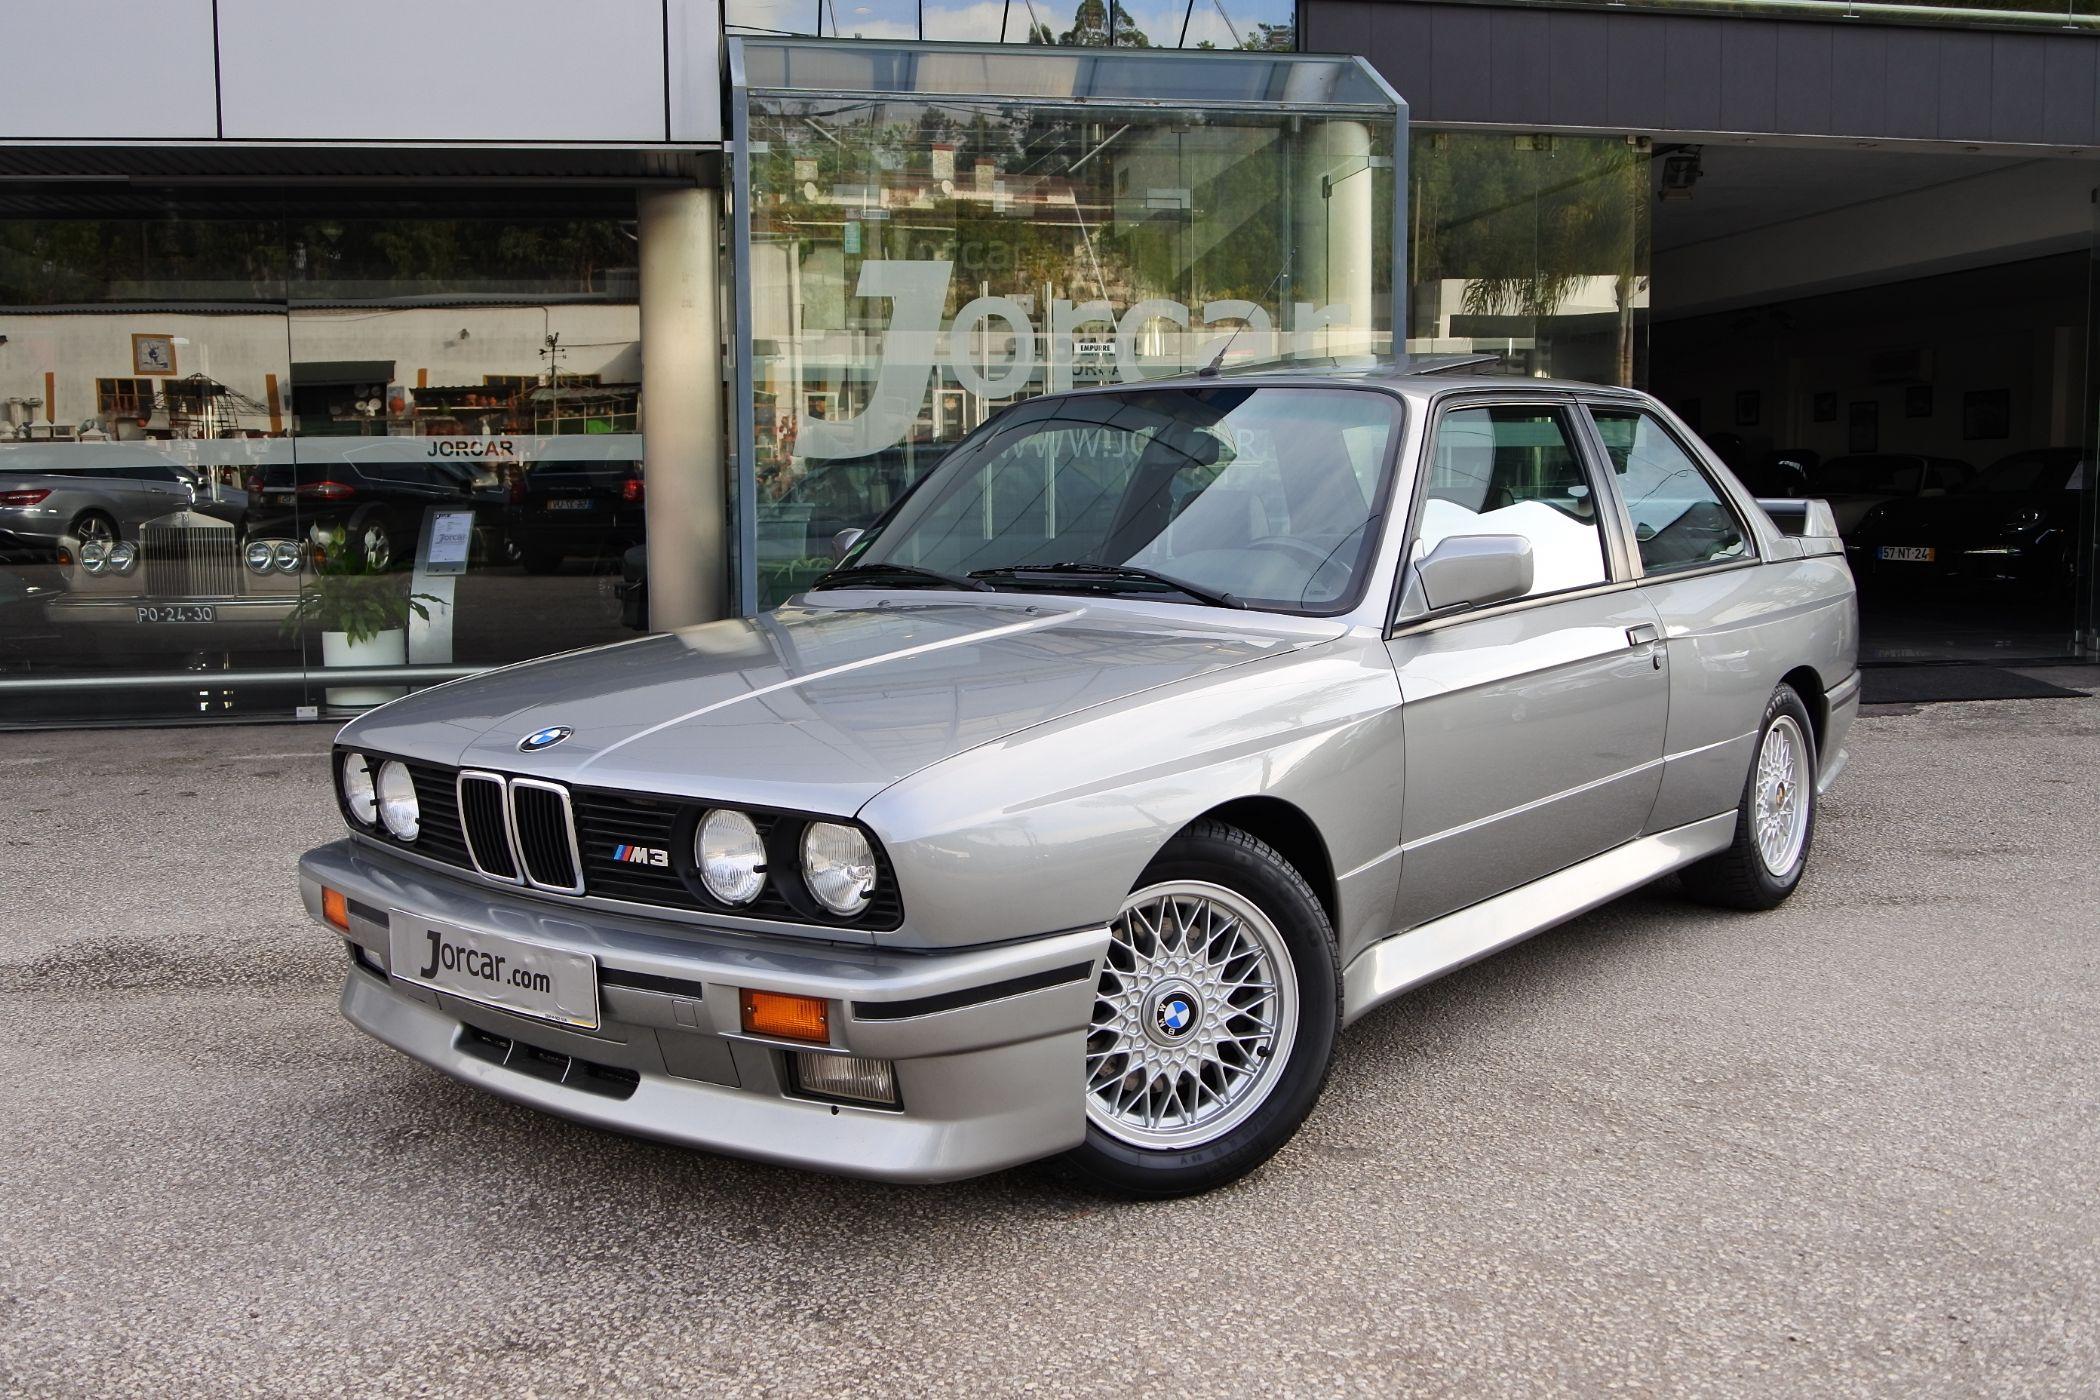 Jorcar: BMW M3 E30 - 58.500 €